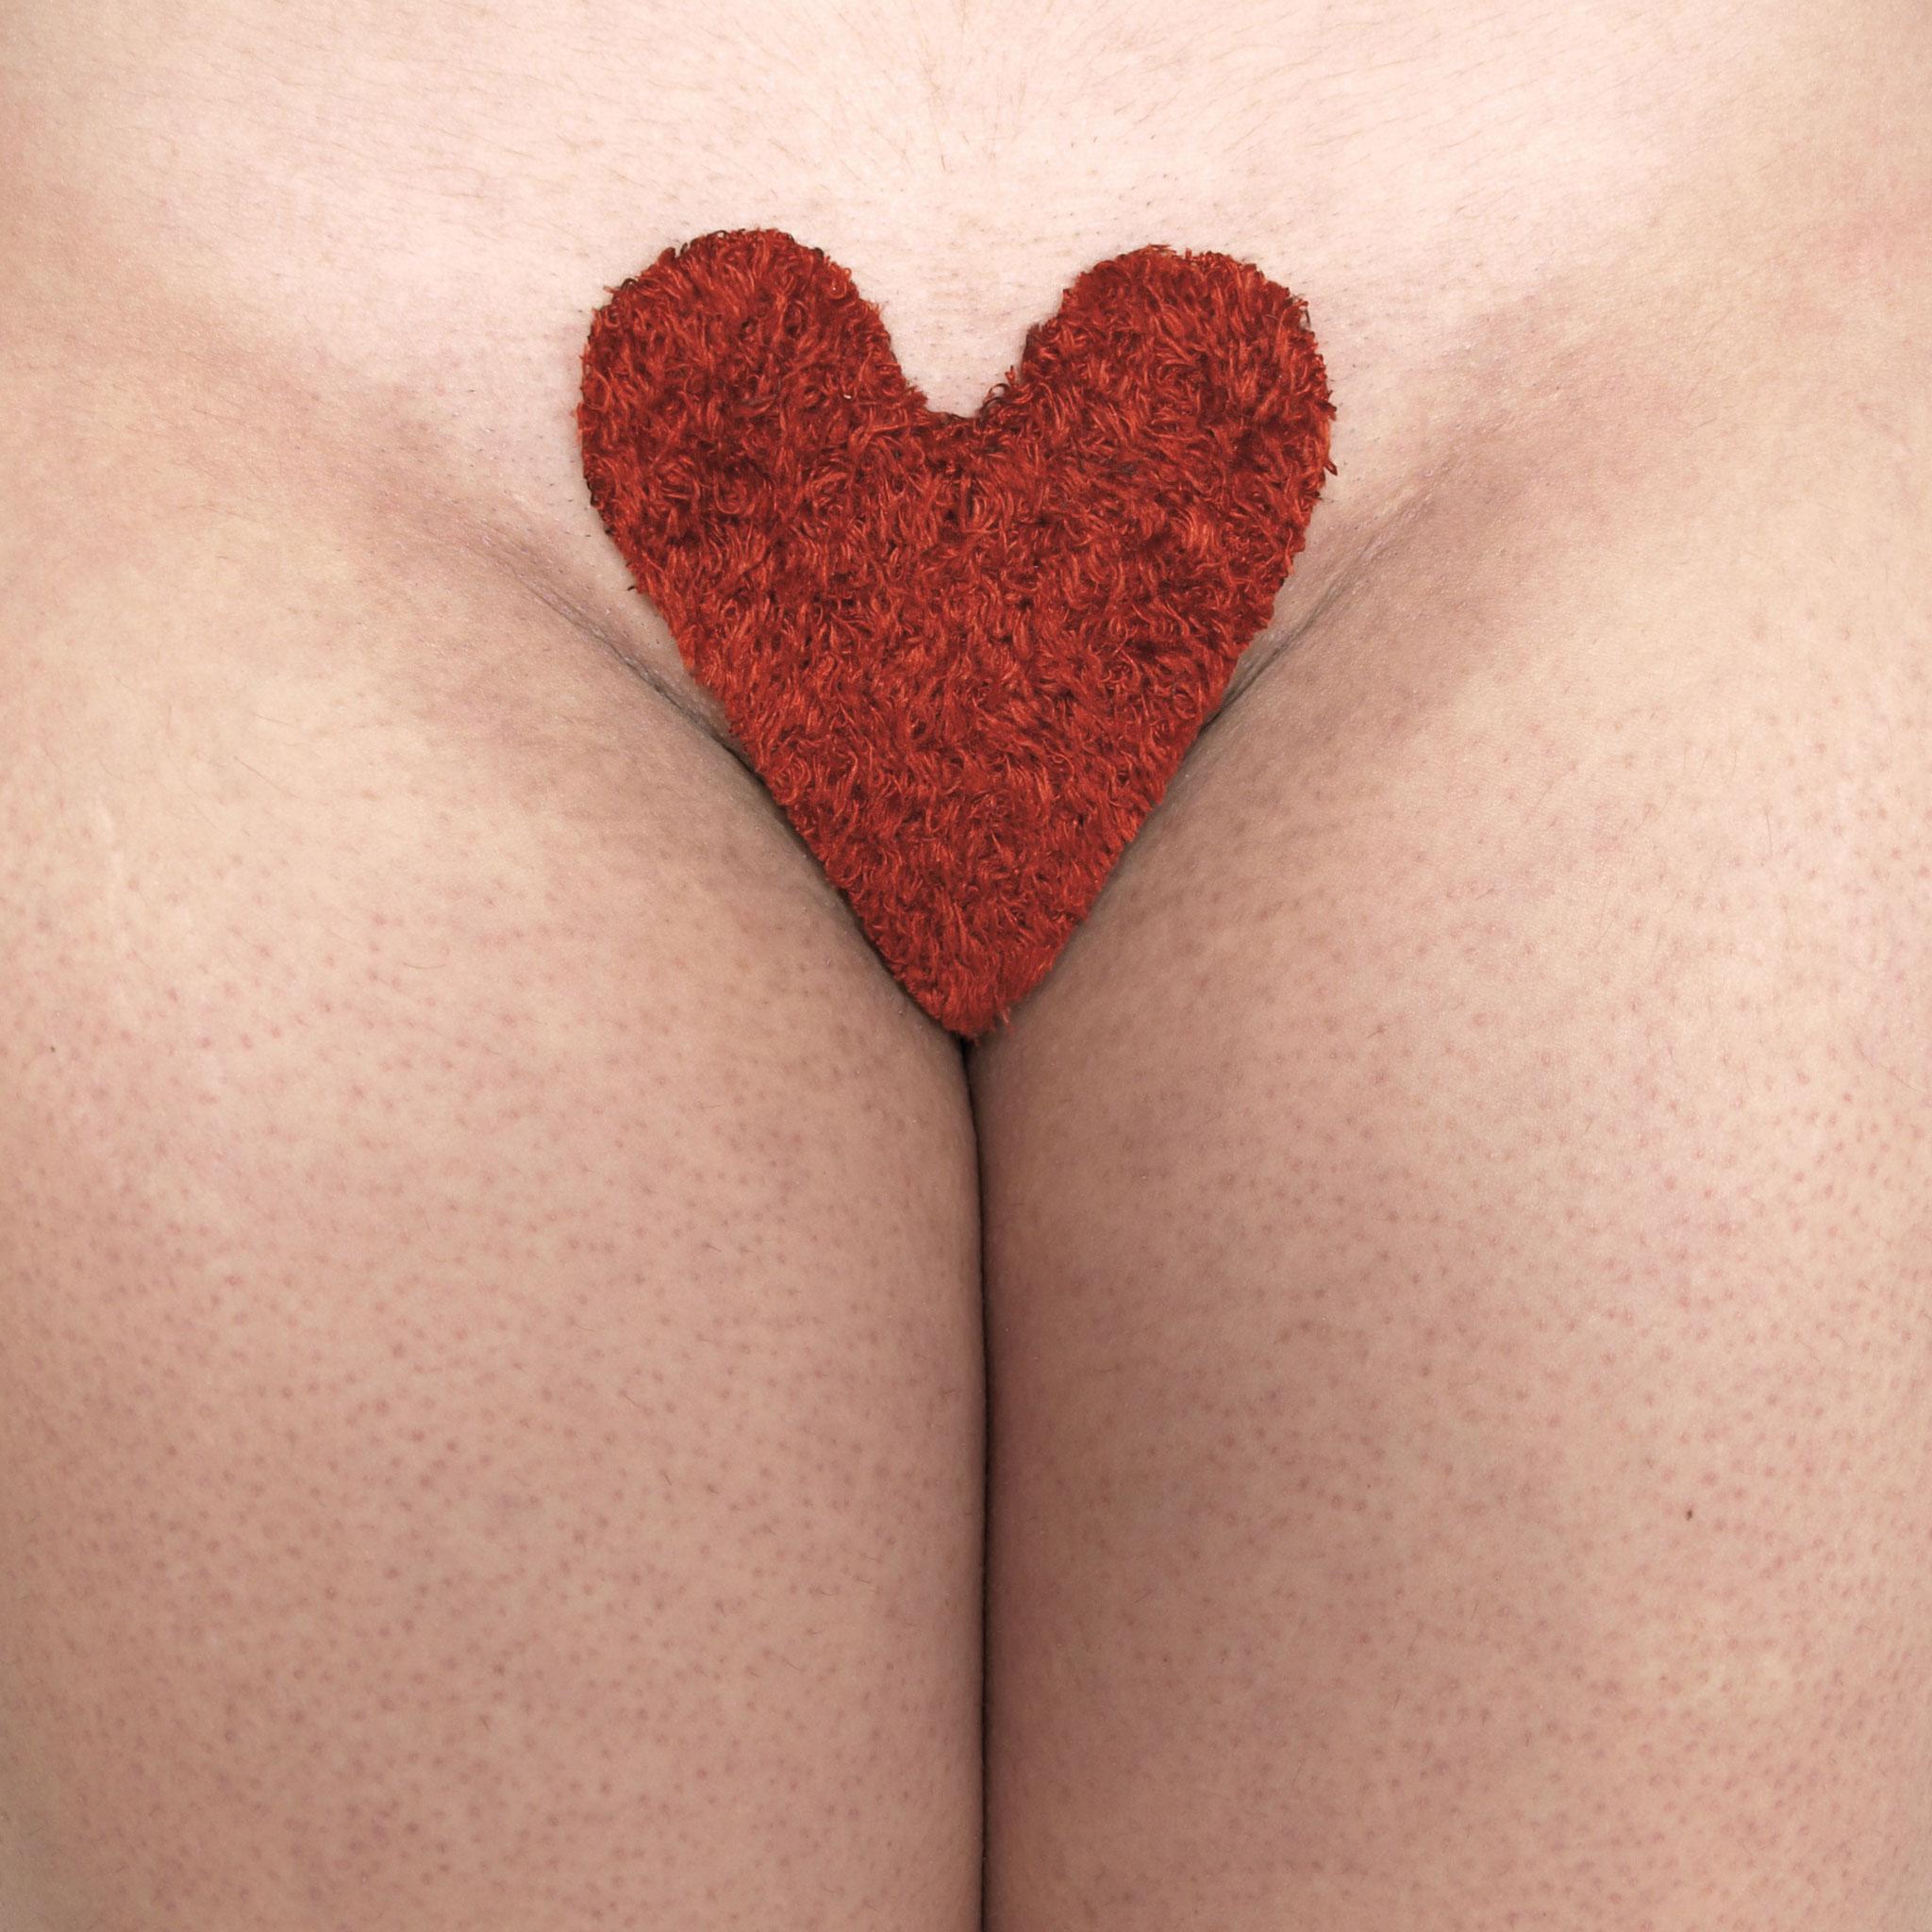 Femme de coeur, 30x30 cm, 2008